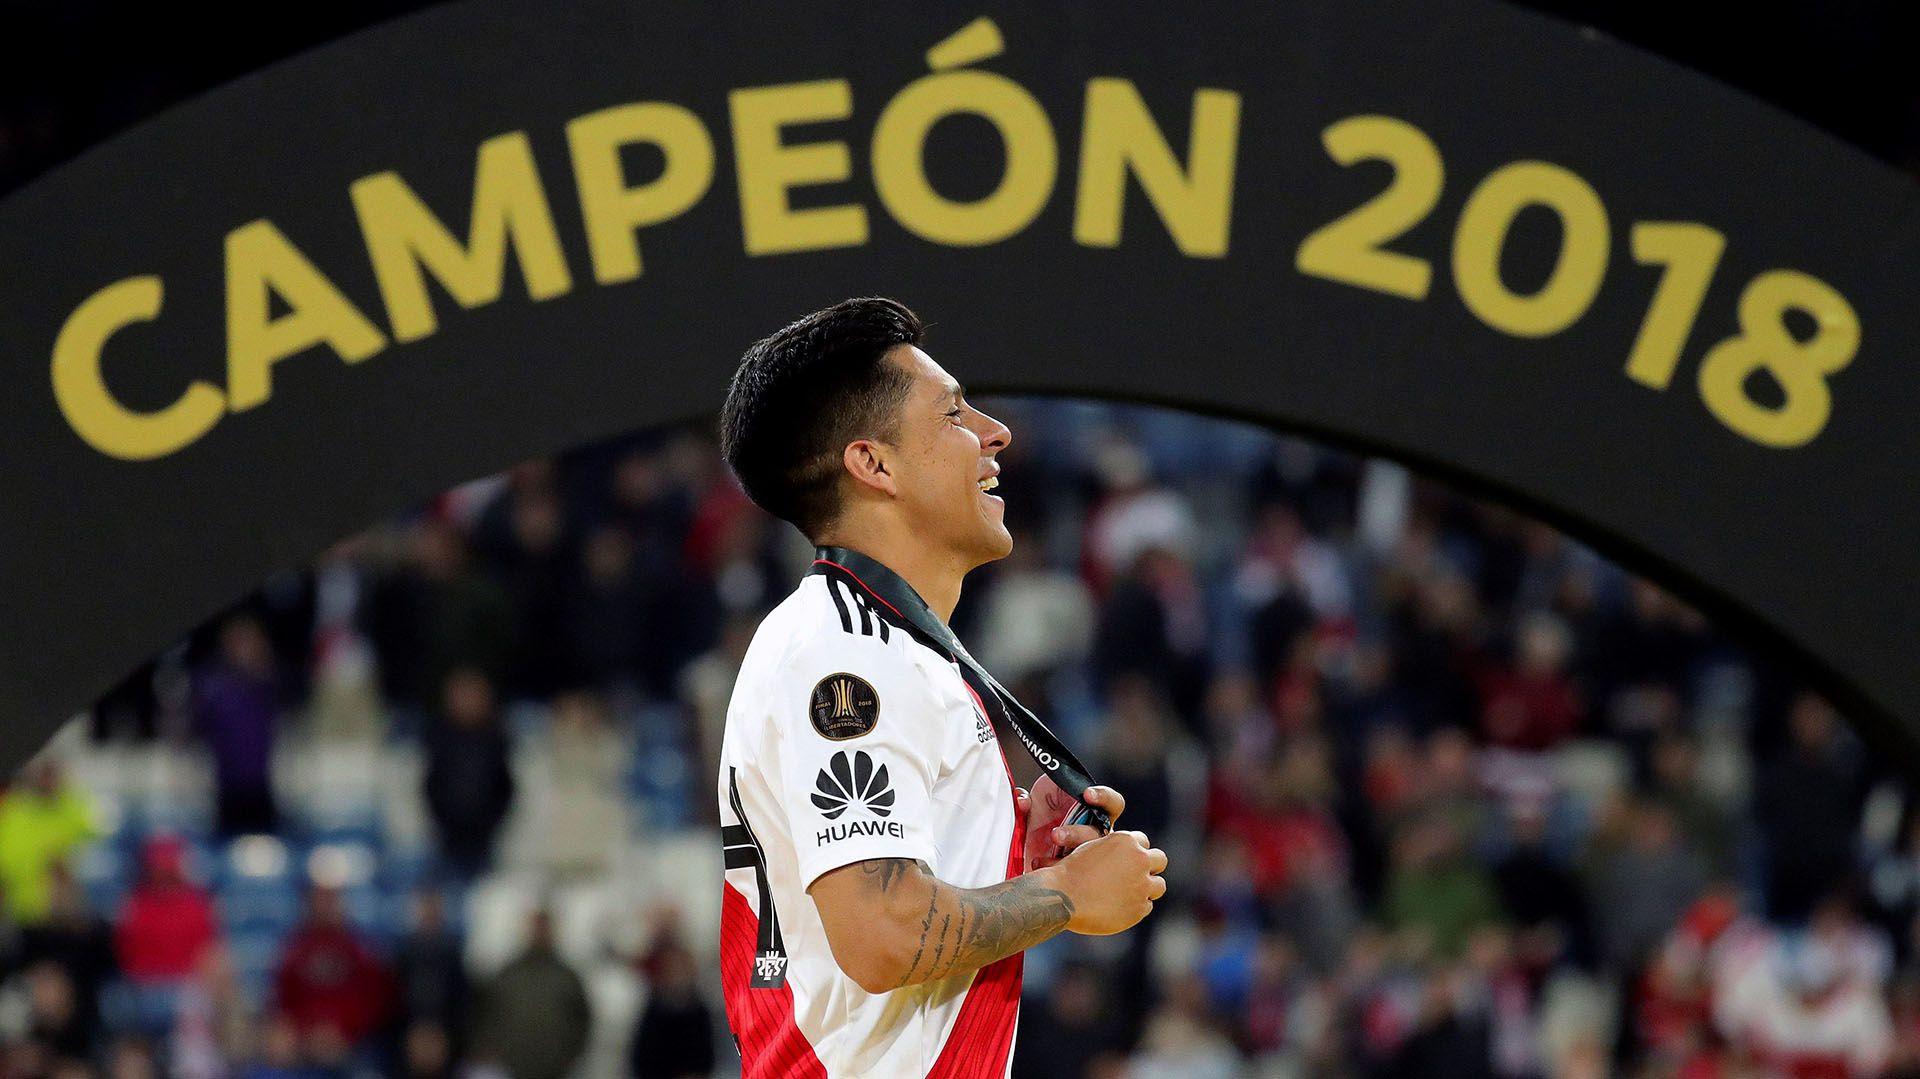 El centrocampista de River Plate Enzo Pérez en el podio tras vencer a Boca Juniors en el partido de vuelta de la final de la Copa Libertadores que ambos equipos jugaron en el estadio Santiago Bernabéu de Madrid el 9 de diciembre de 2018, y que terminó con la victoria de River Plate por 3-1 (EFE/JuanJo Martín)